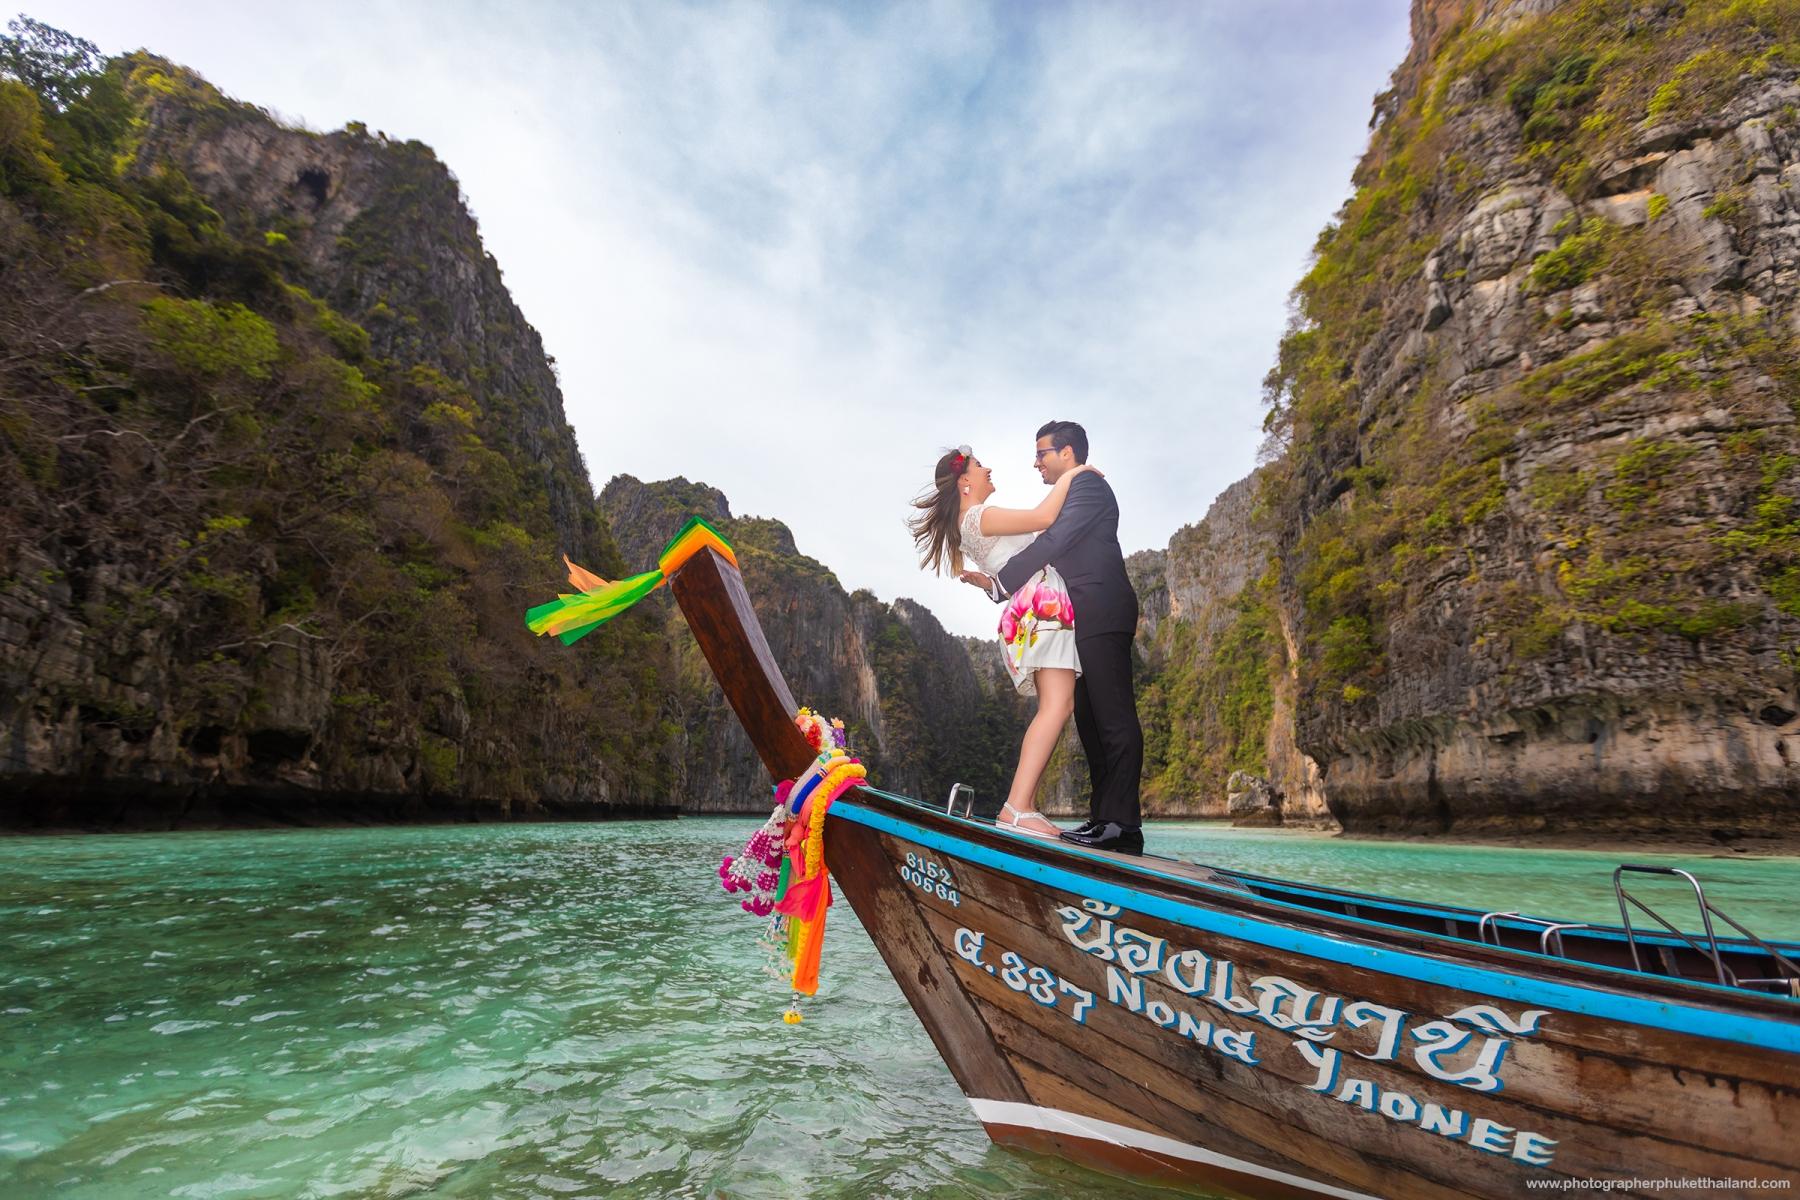 Phuket wedding photography phuket wedding photographer phuket photographer phuket photography phuket pre wedding phi phi photographer phi phi photography